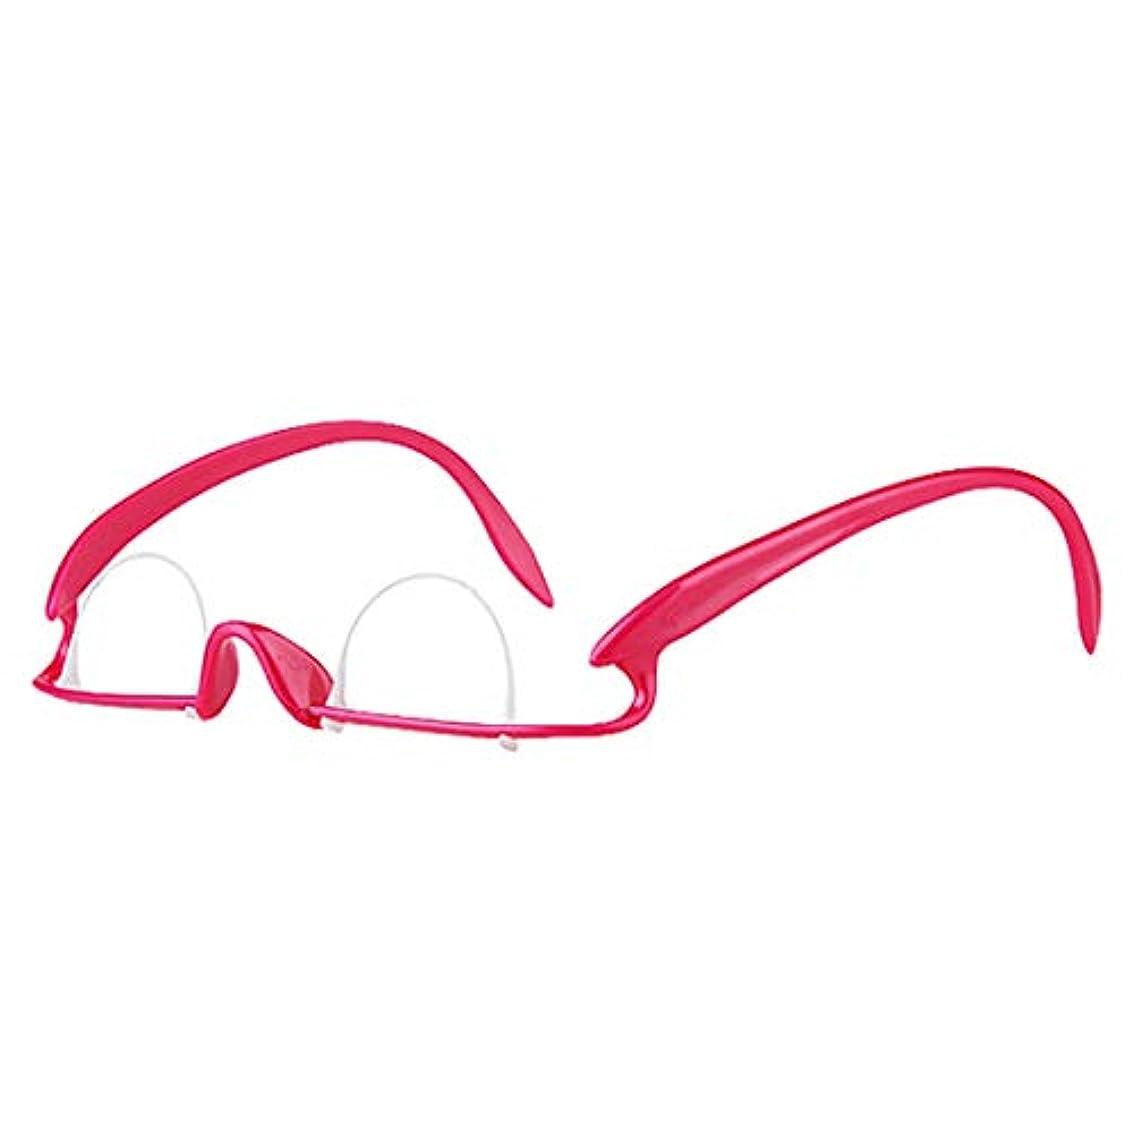 アイロニー過激派酸素億騰 二重まぶた用メガネ 二重まぶた運動 二重まぶた形成 二重まぶた運動器 メガネトレーナー